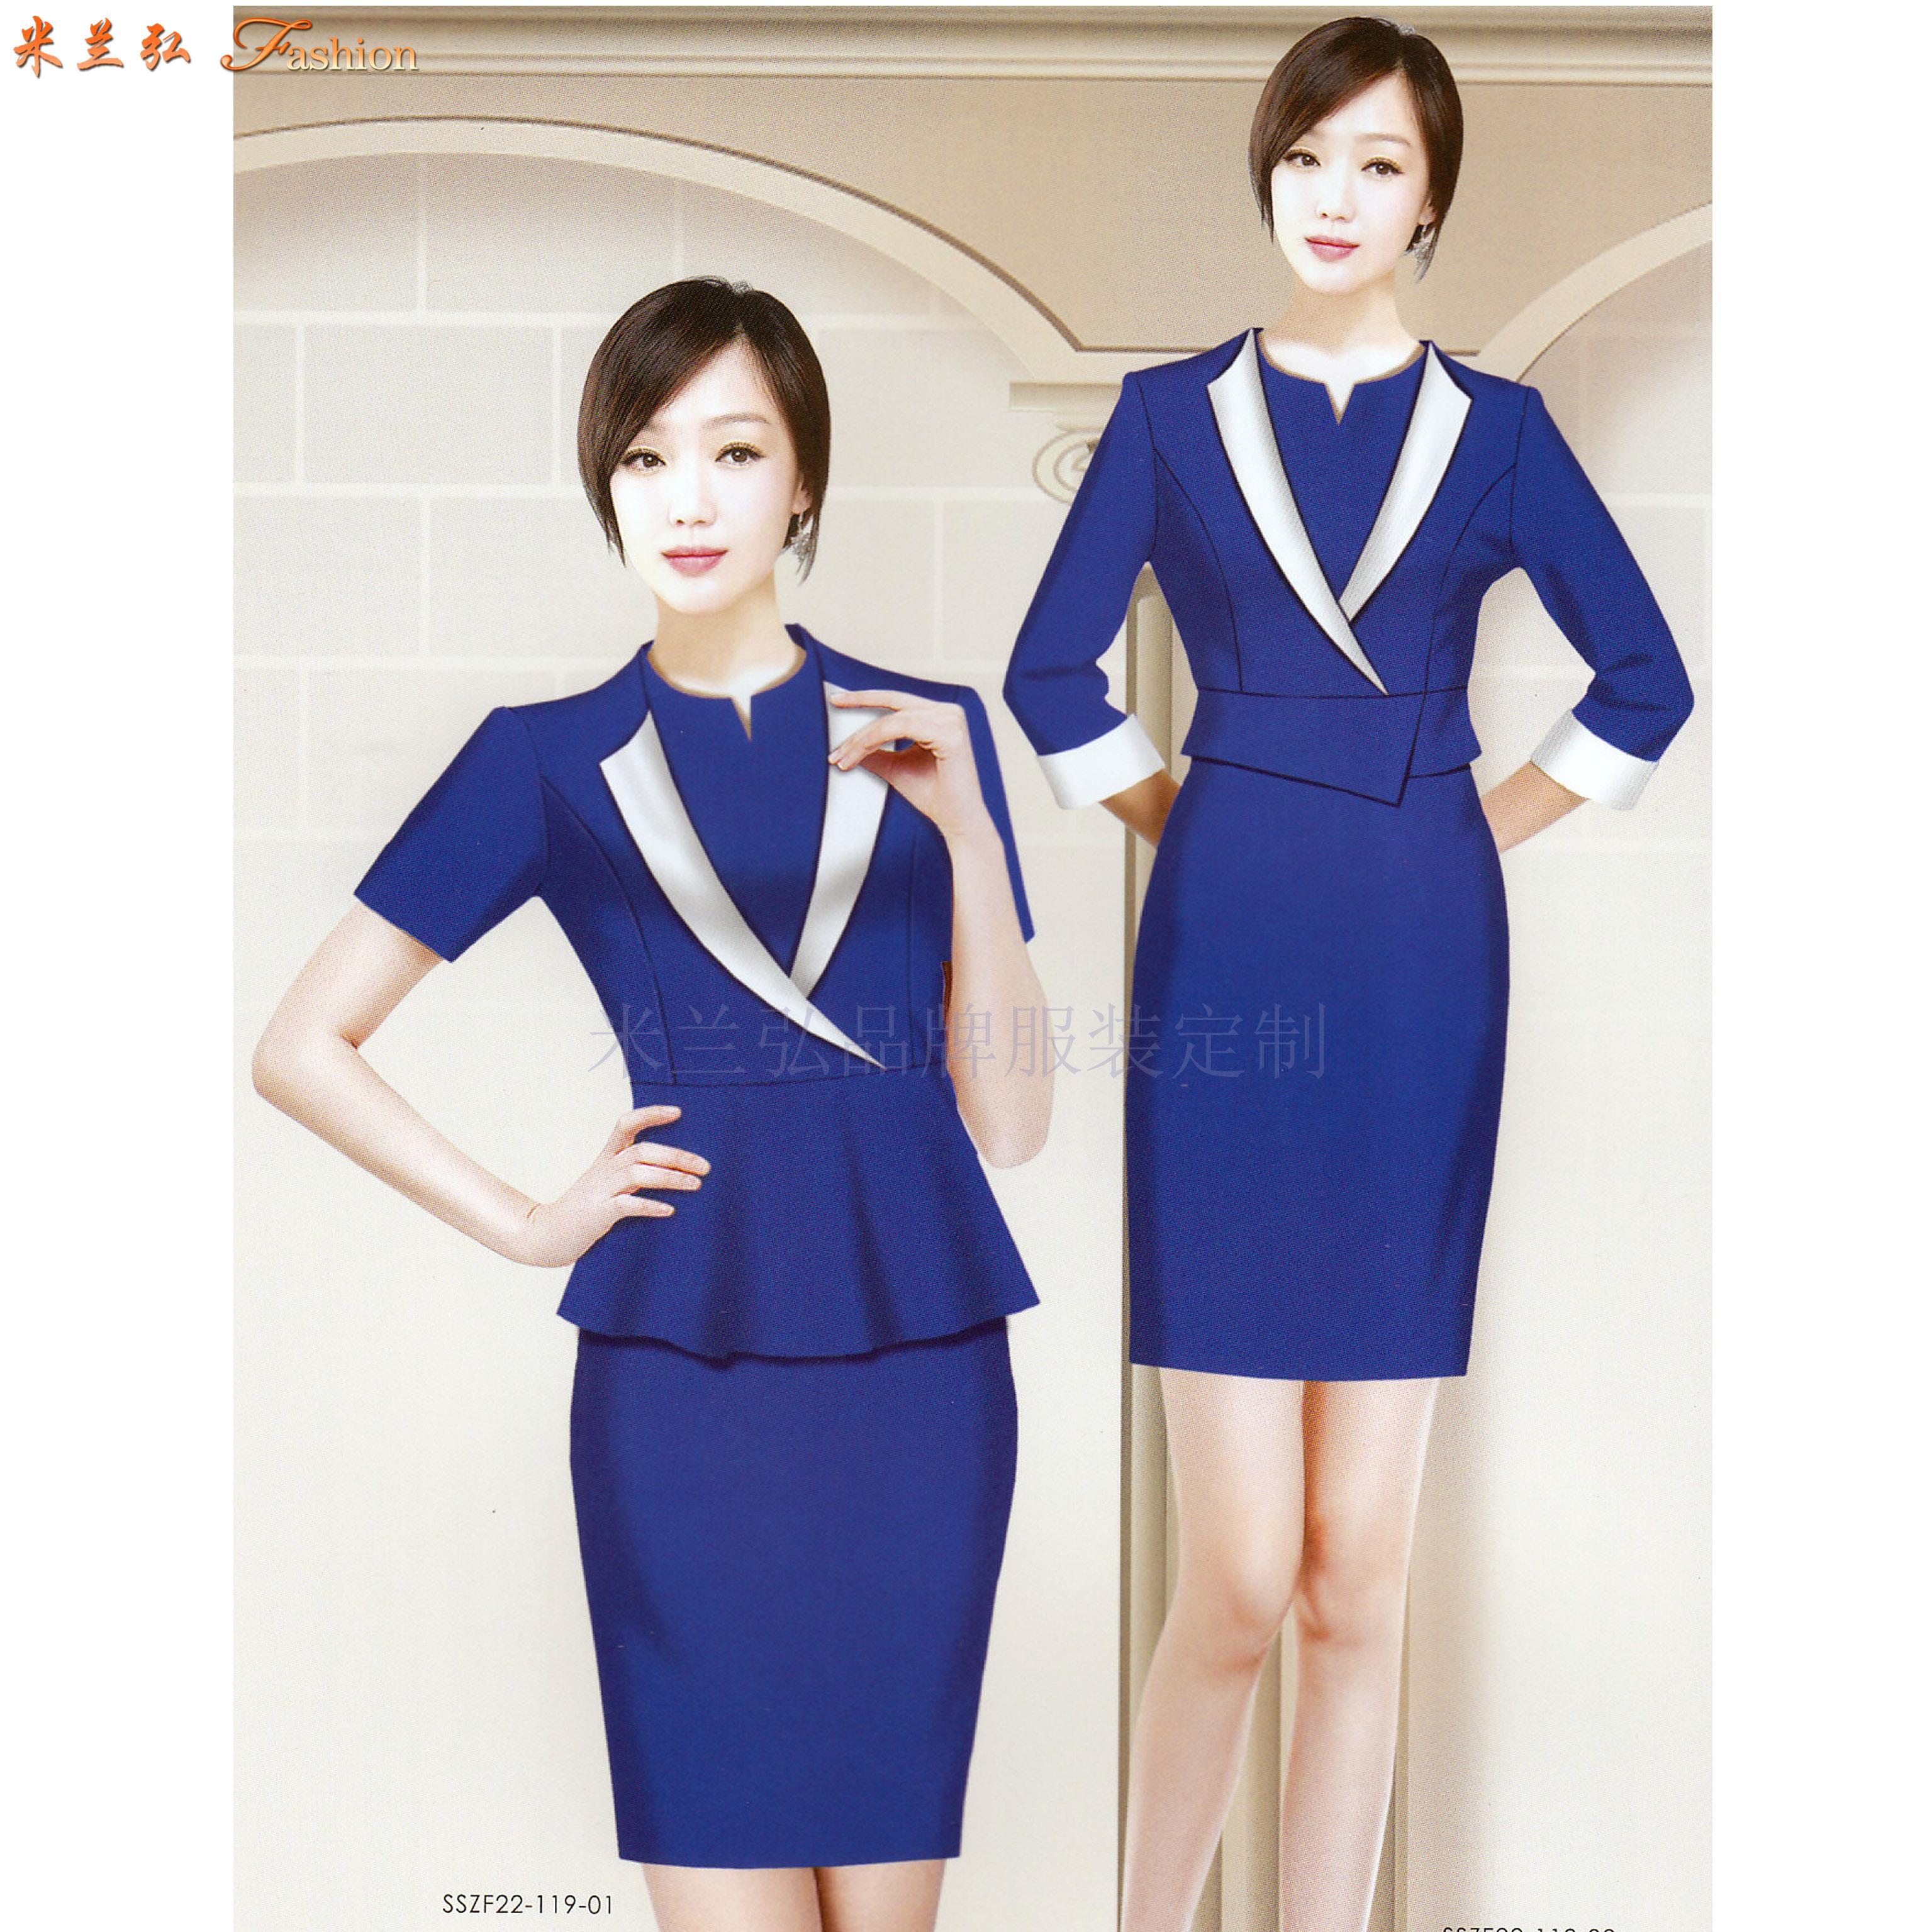 「航空工作服」供應航空公司貨真價實地勤機務工作服-米蘭弘服裝-4